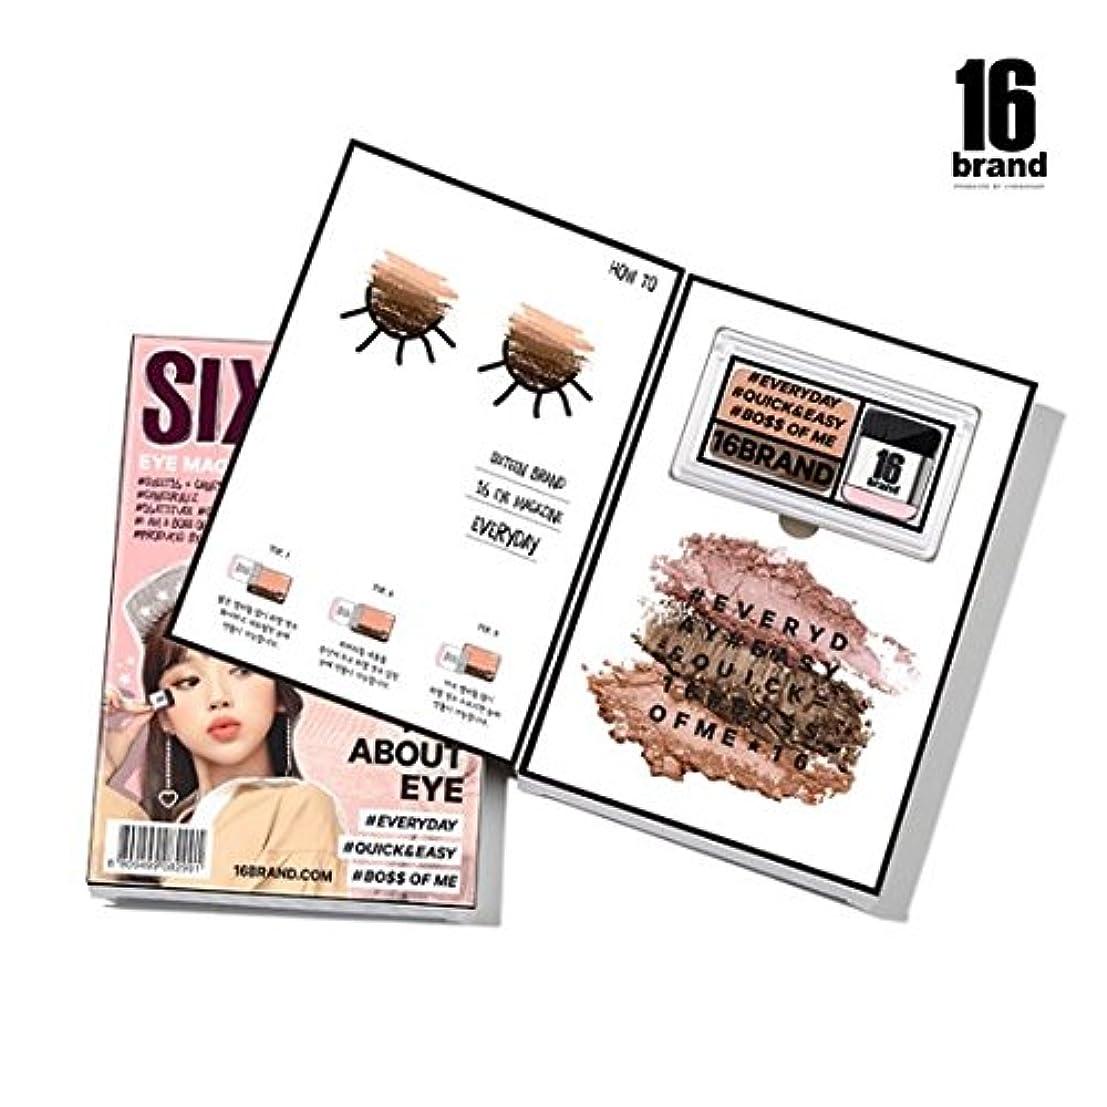 扱いやすい責任者アンカー16brand Sixteen Eye Magazine Everyday 2g/16ブランド シックスティーン アイ マガジン エブリデイ 2g [並行輸入品]